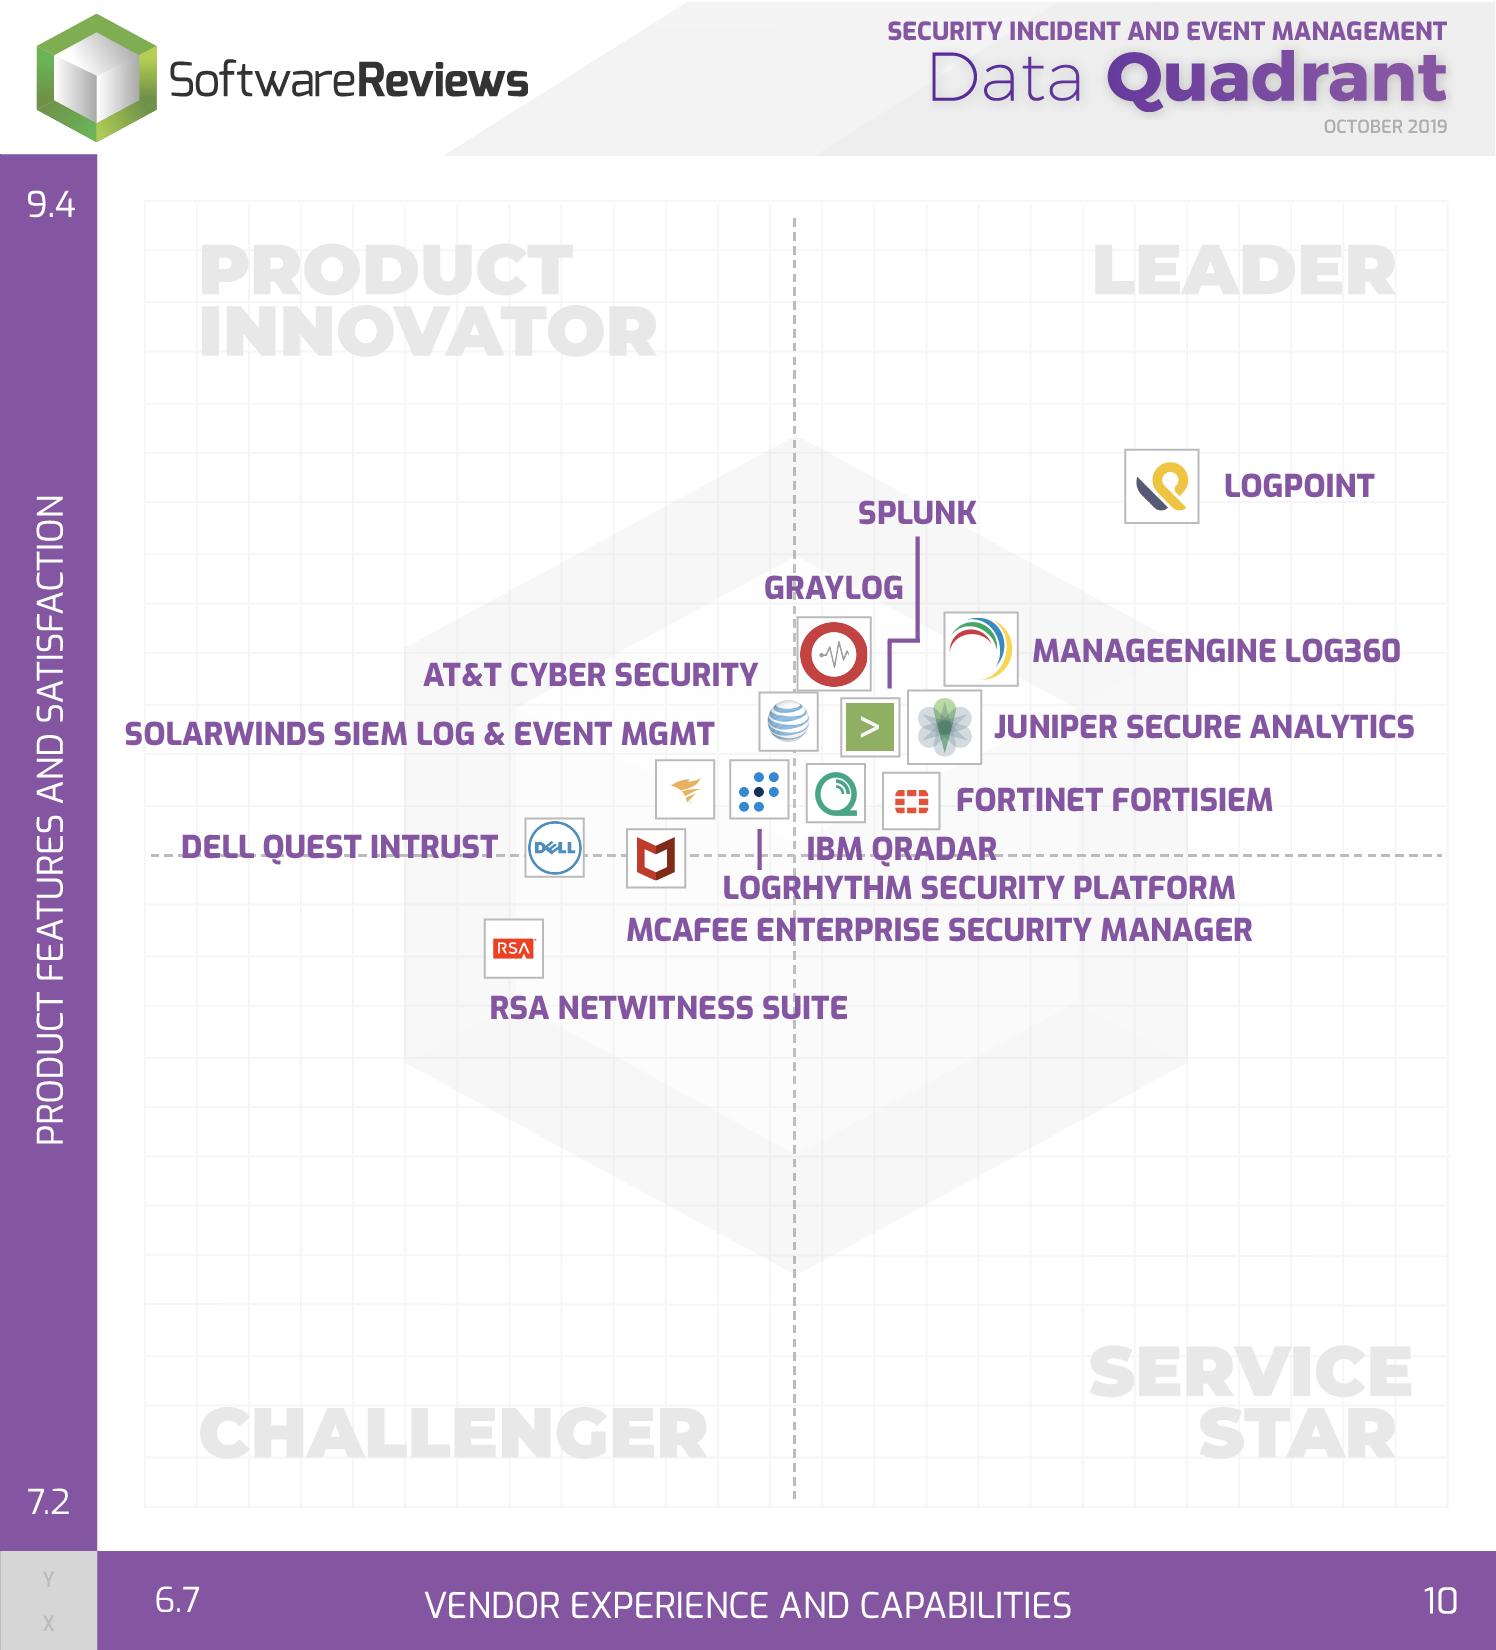 Security Incident and Event Management Data Quadrant